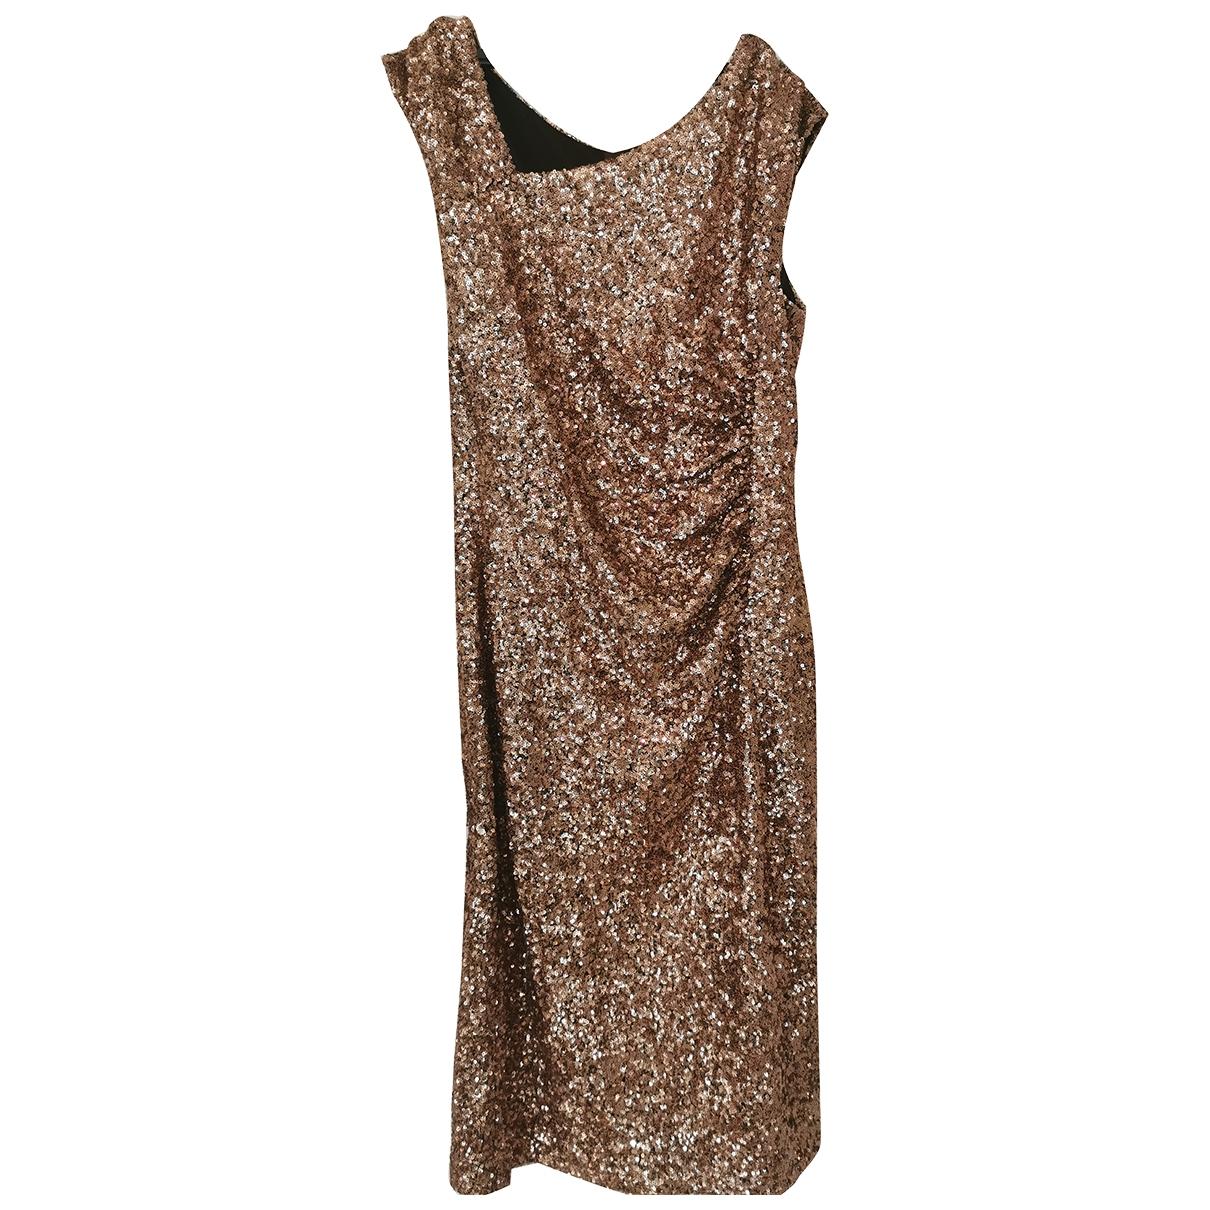 Lk Bennett \N Gold Glitter dress for Women 12 UK